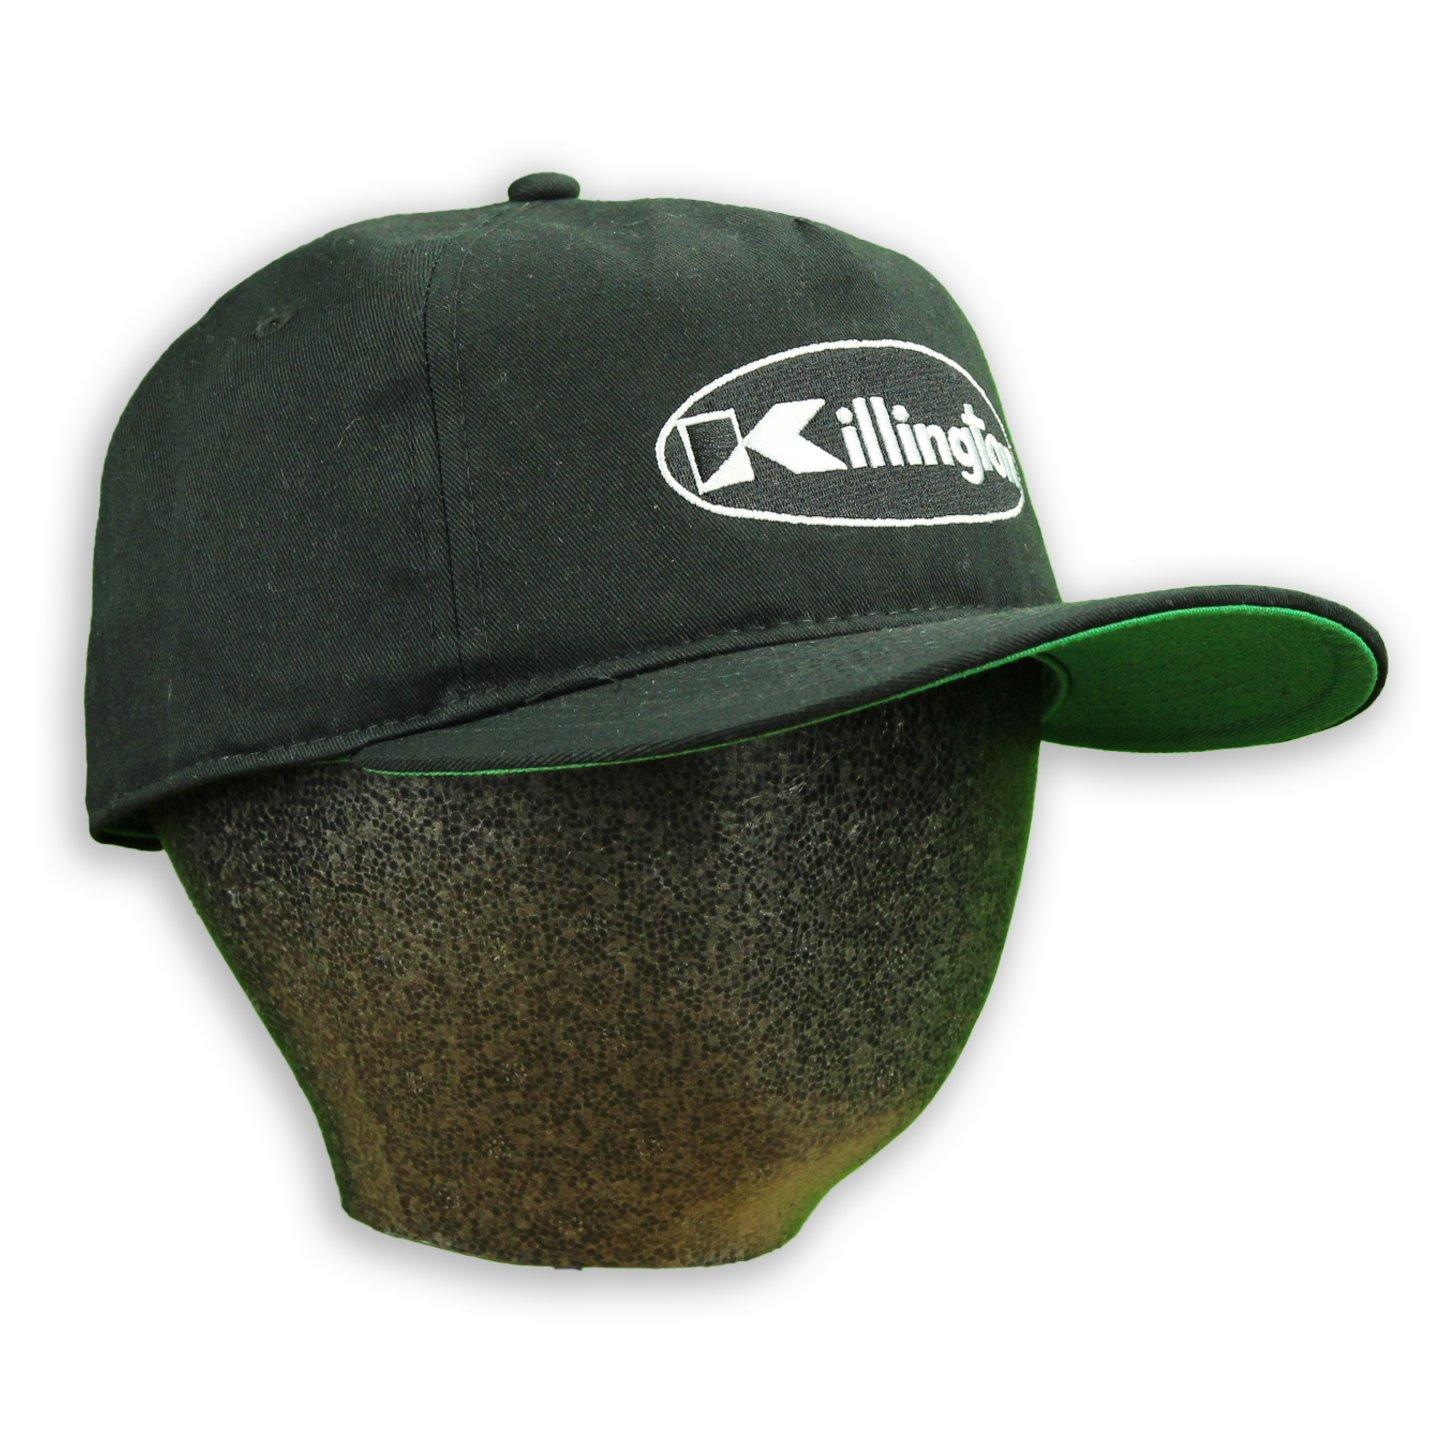 Darkside Killington Ops Hat (Multiple Color Options)